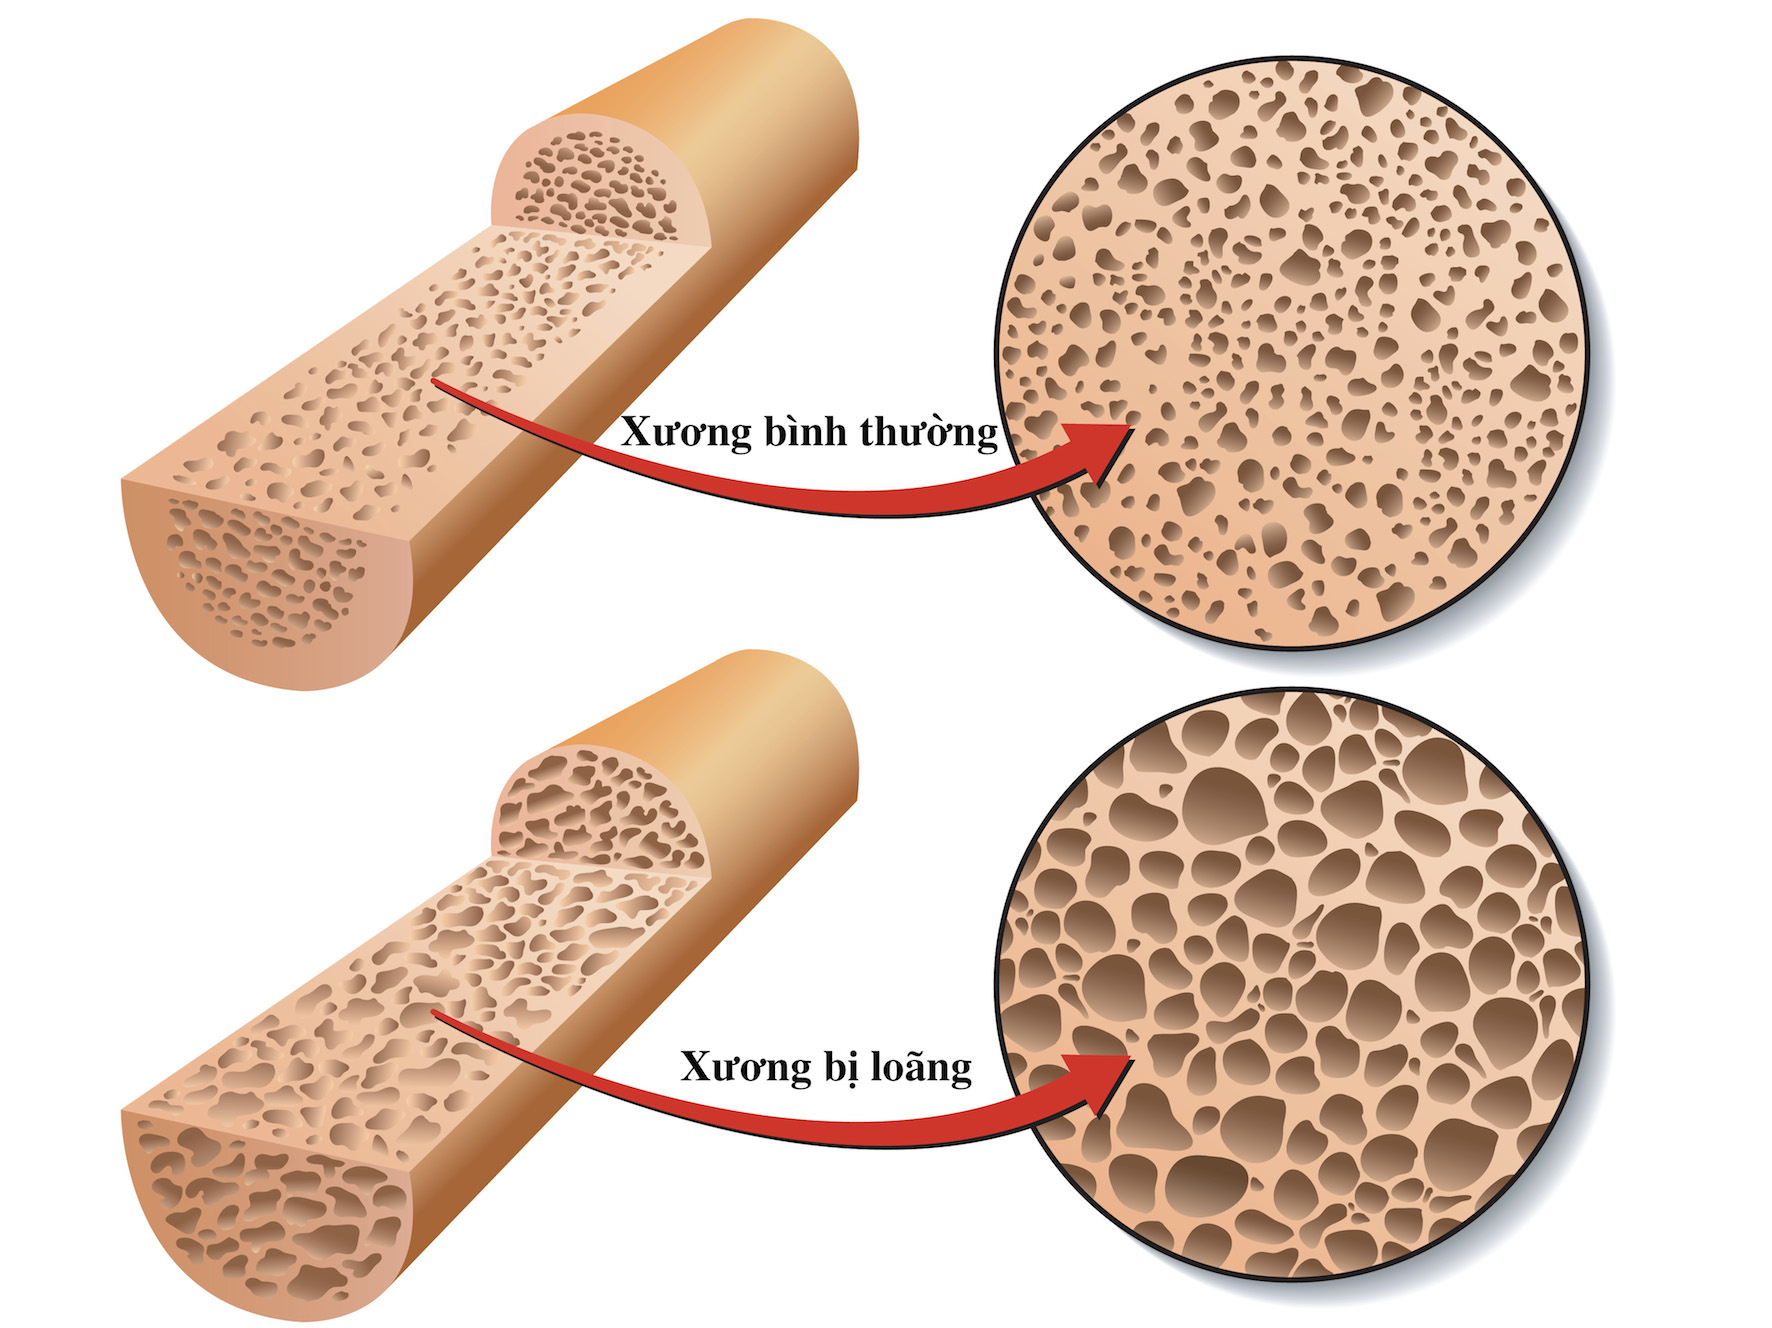 Loãng xương là rối loạn chuyển hóa của bộ xương